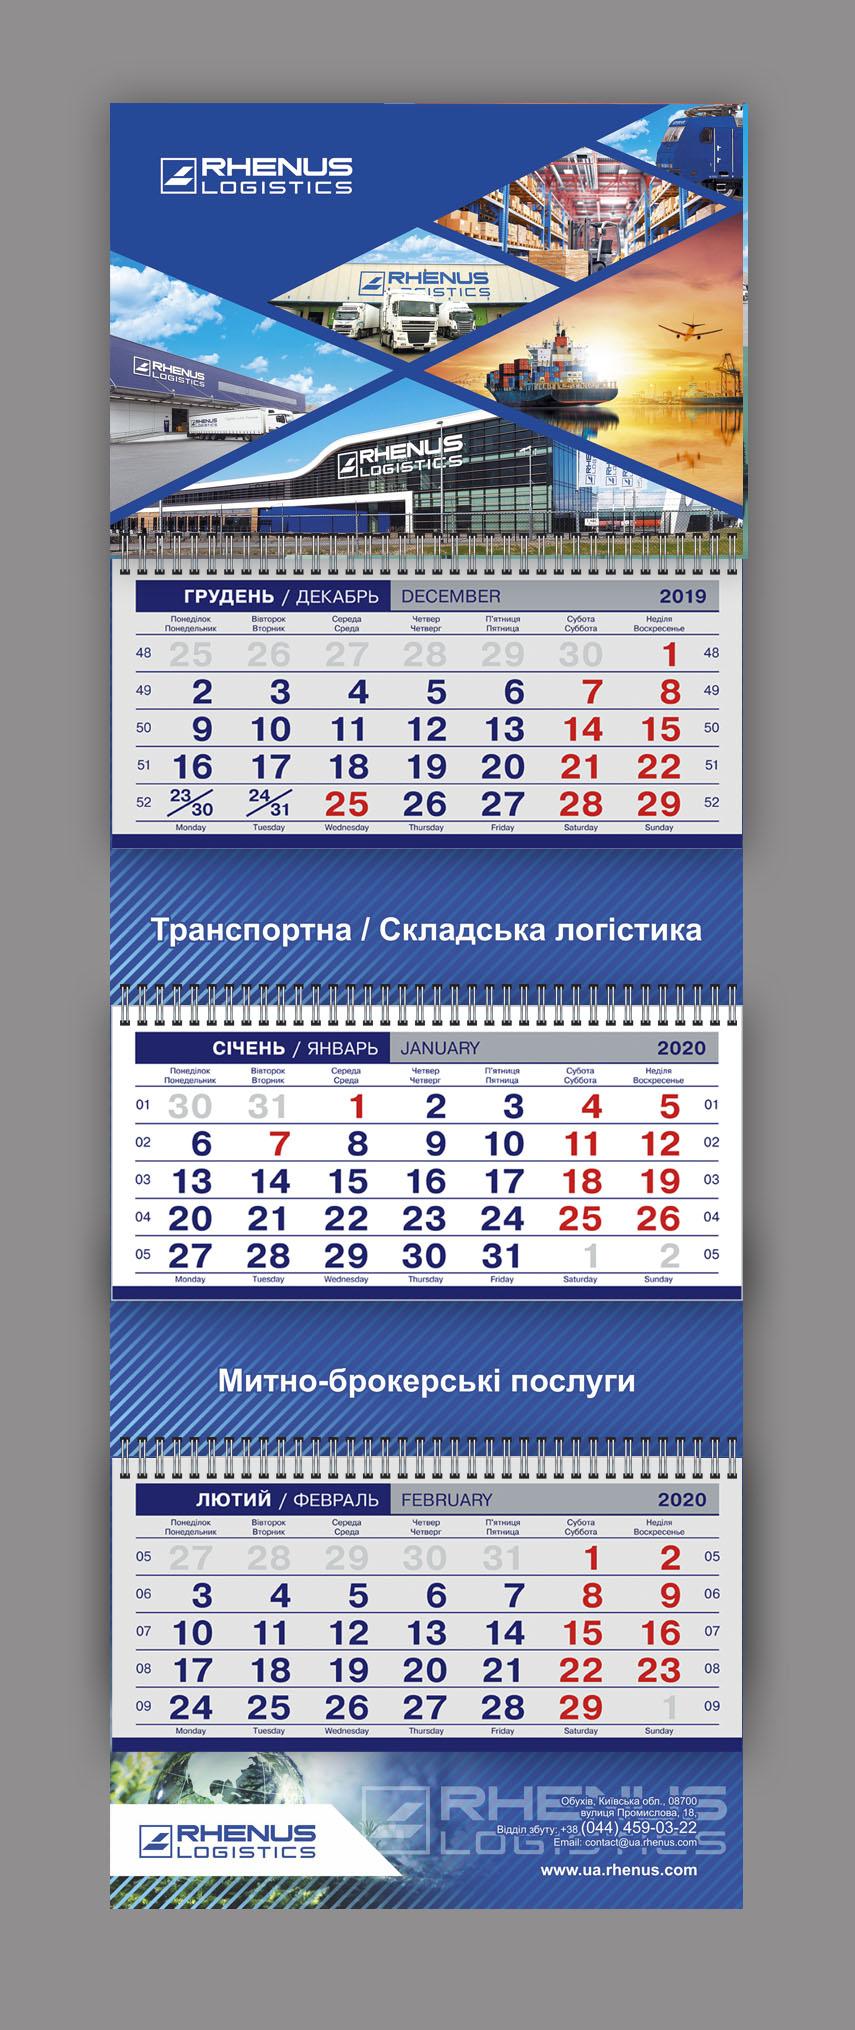 Дизайн квартального календаря логистической компании Rhenus 2020 Вариант №5 http://www.makety.top